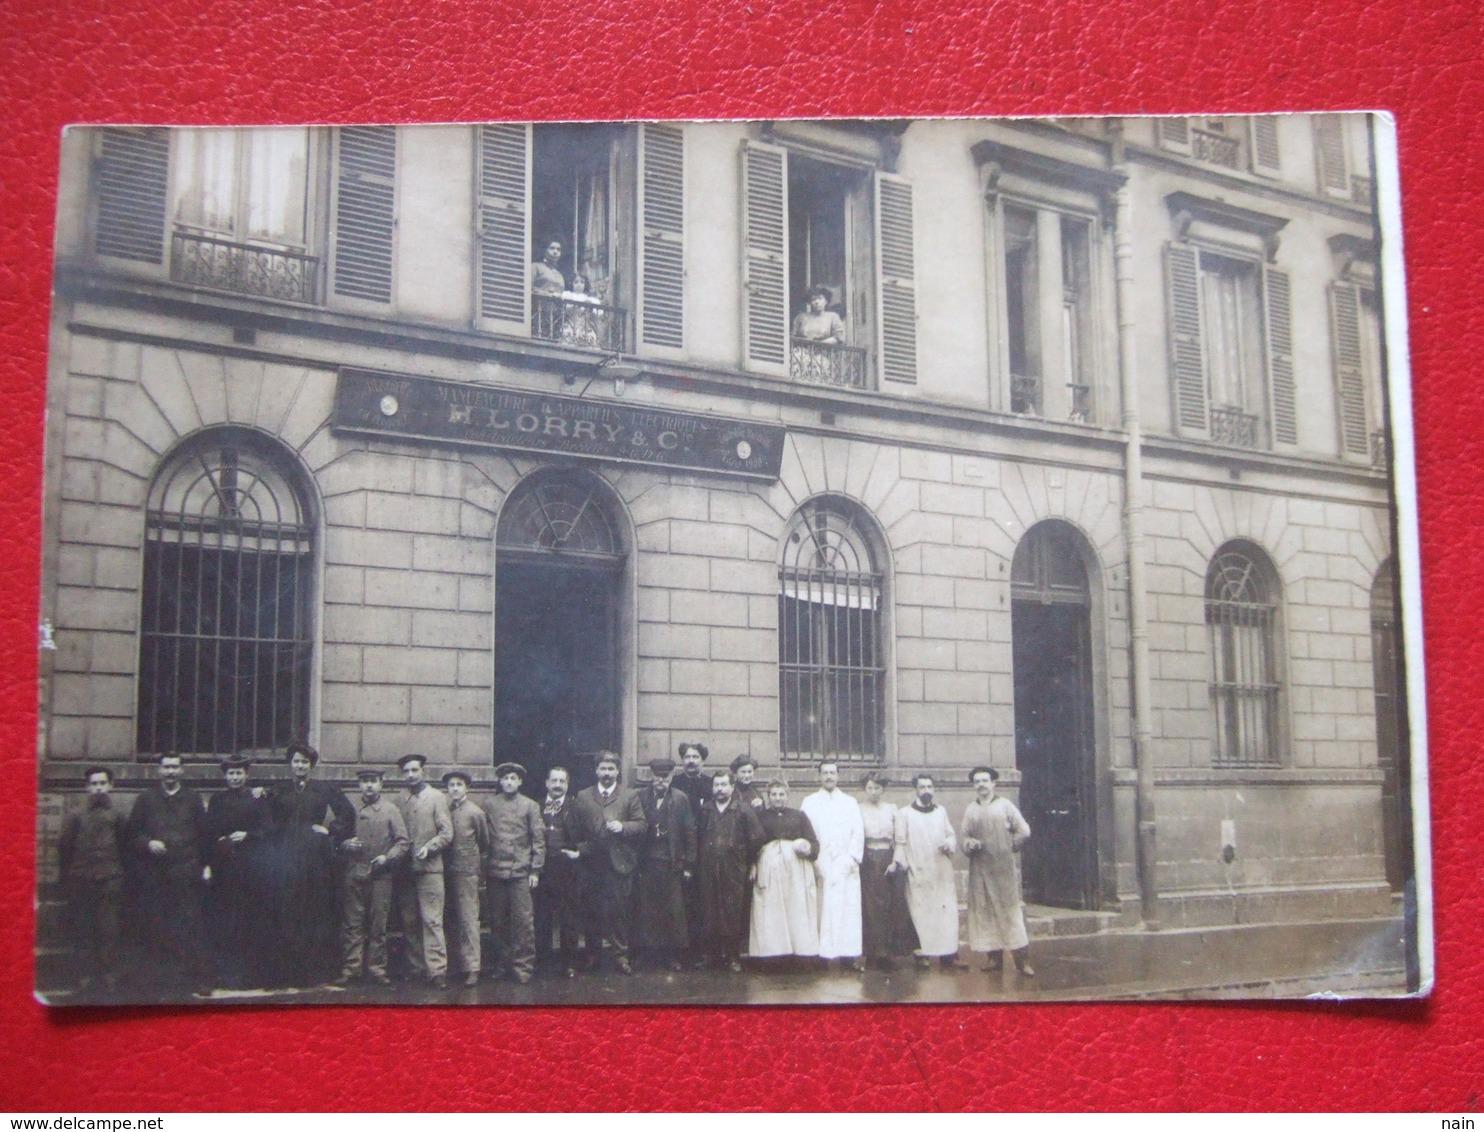 """75 - PARIS - CARTE PHOTO - """" LORY - MANUFACTURE APPAREILS ELECTRIQUE - 13 RUE DE BEARN """" -   """" TRES RARE """" - - France"""